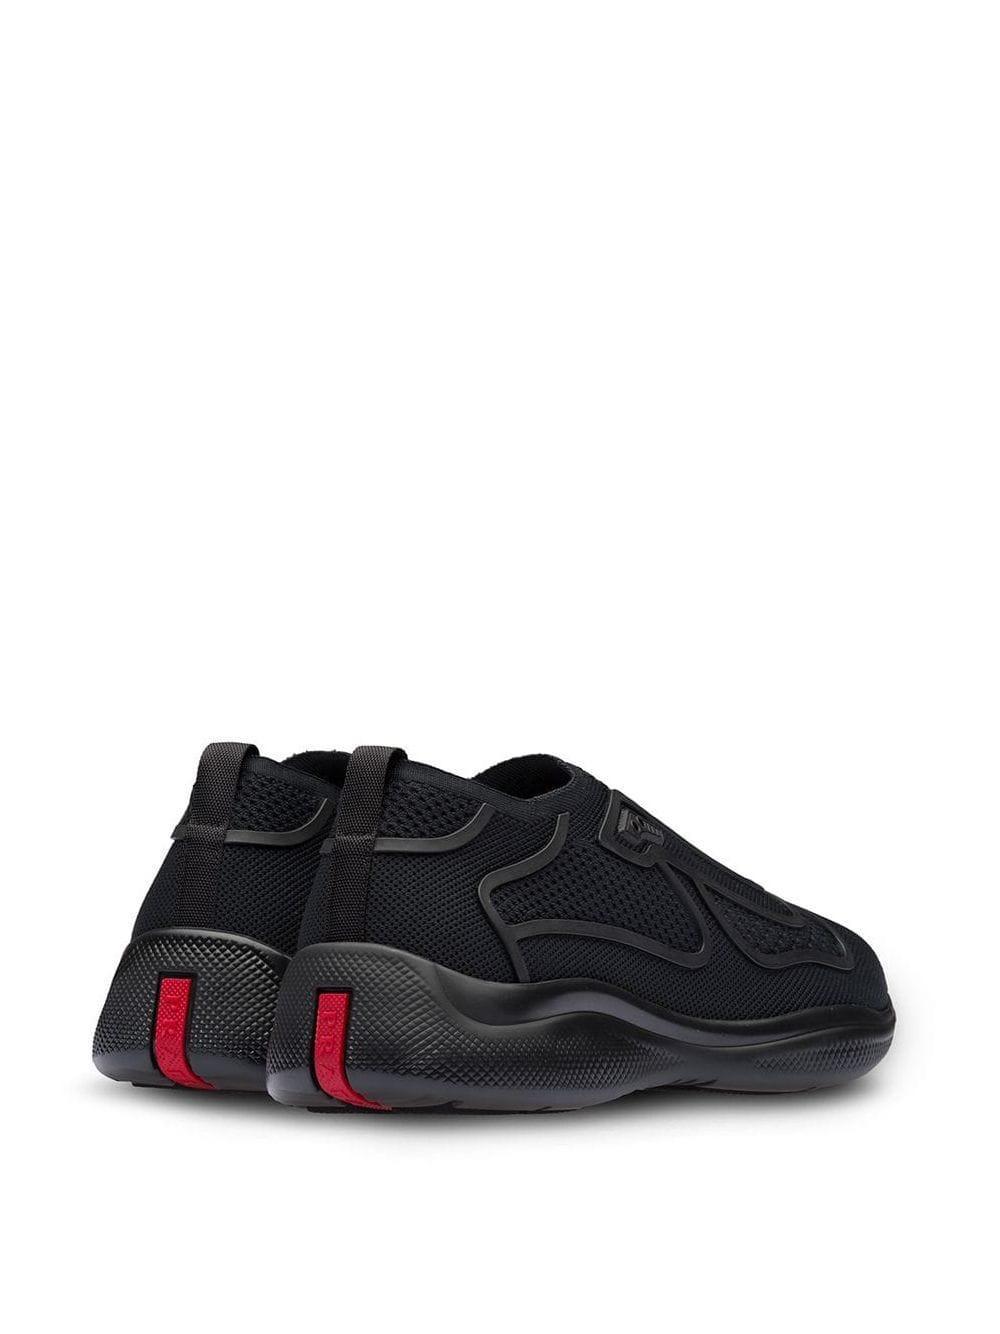 Zapatillas Fabric Prada de Tejido sintético de color Negro para hombre